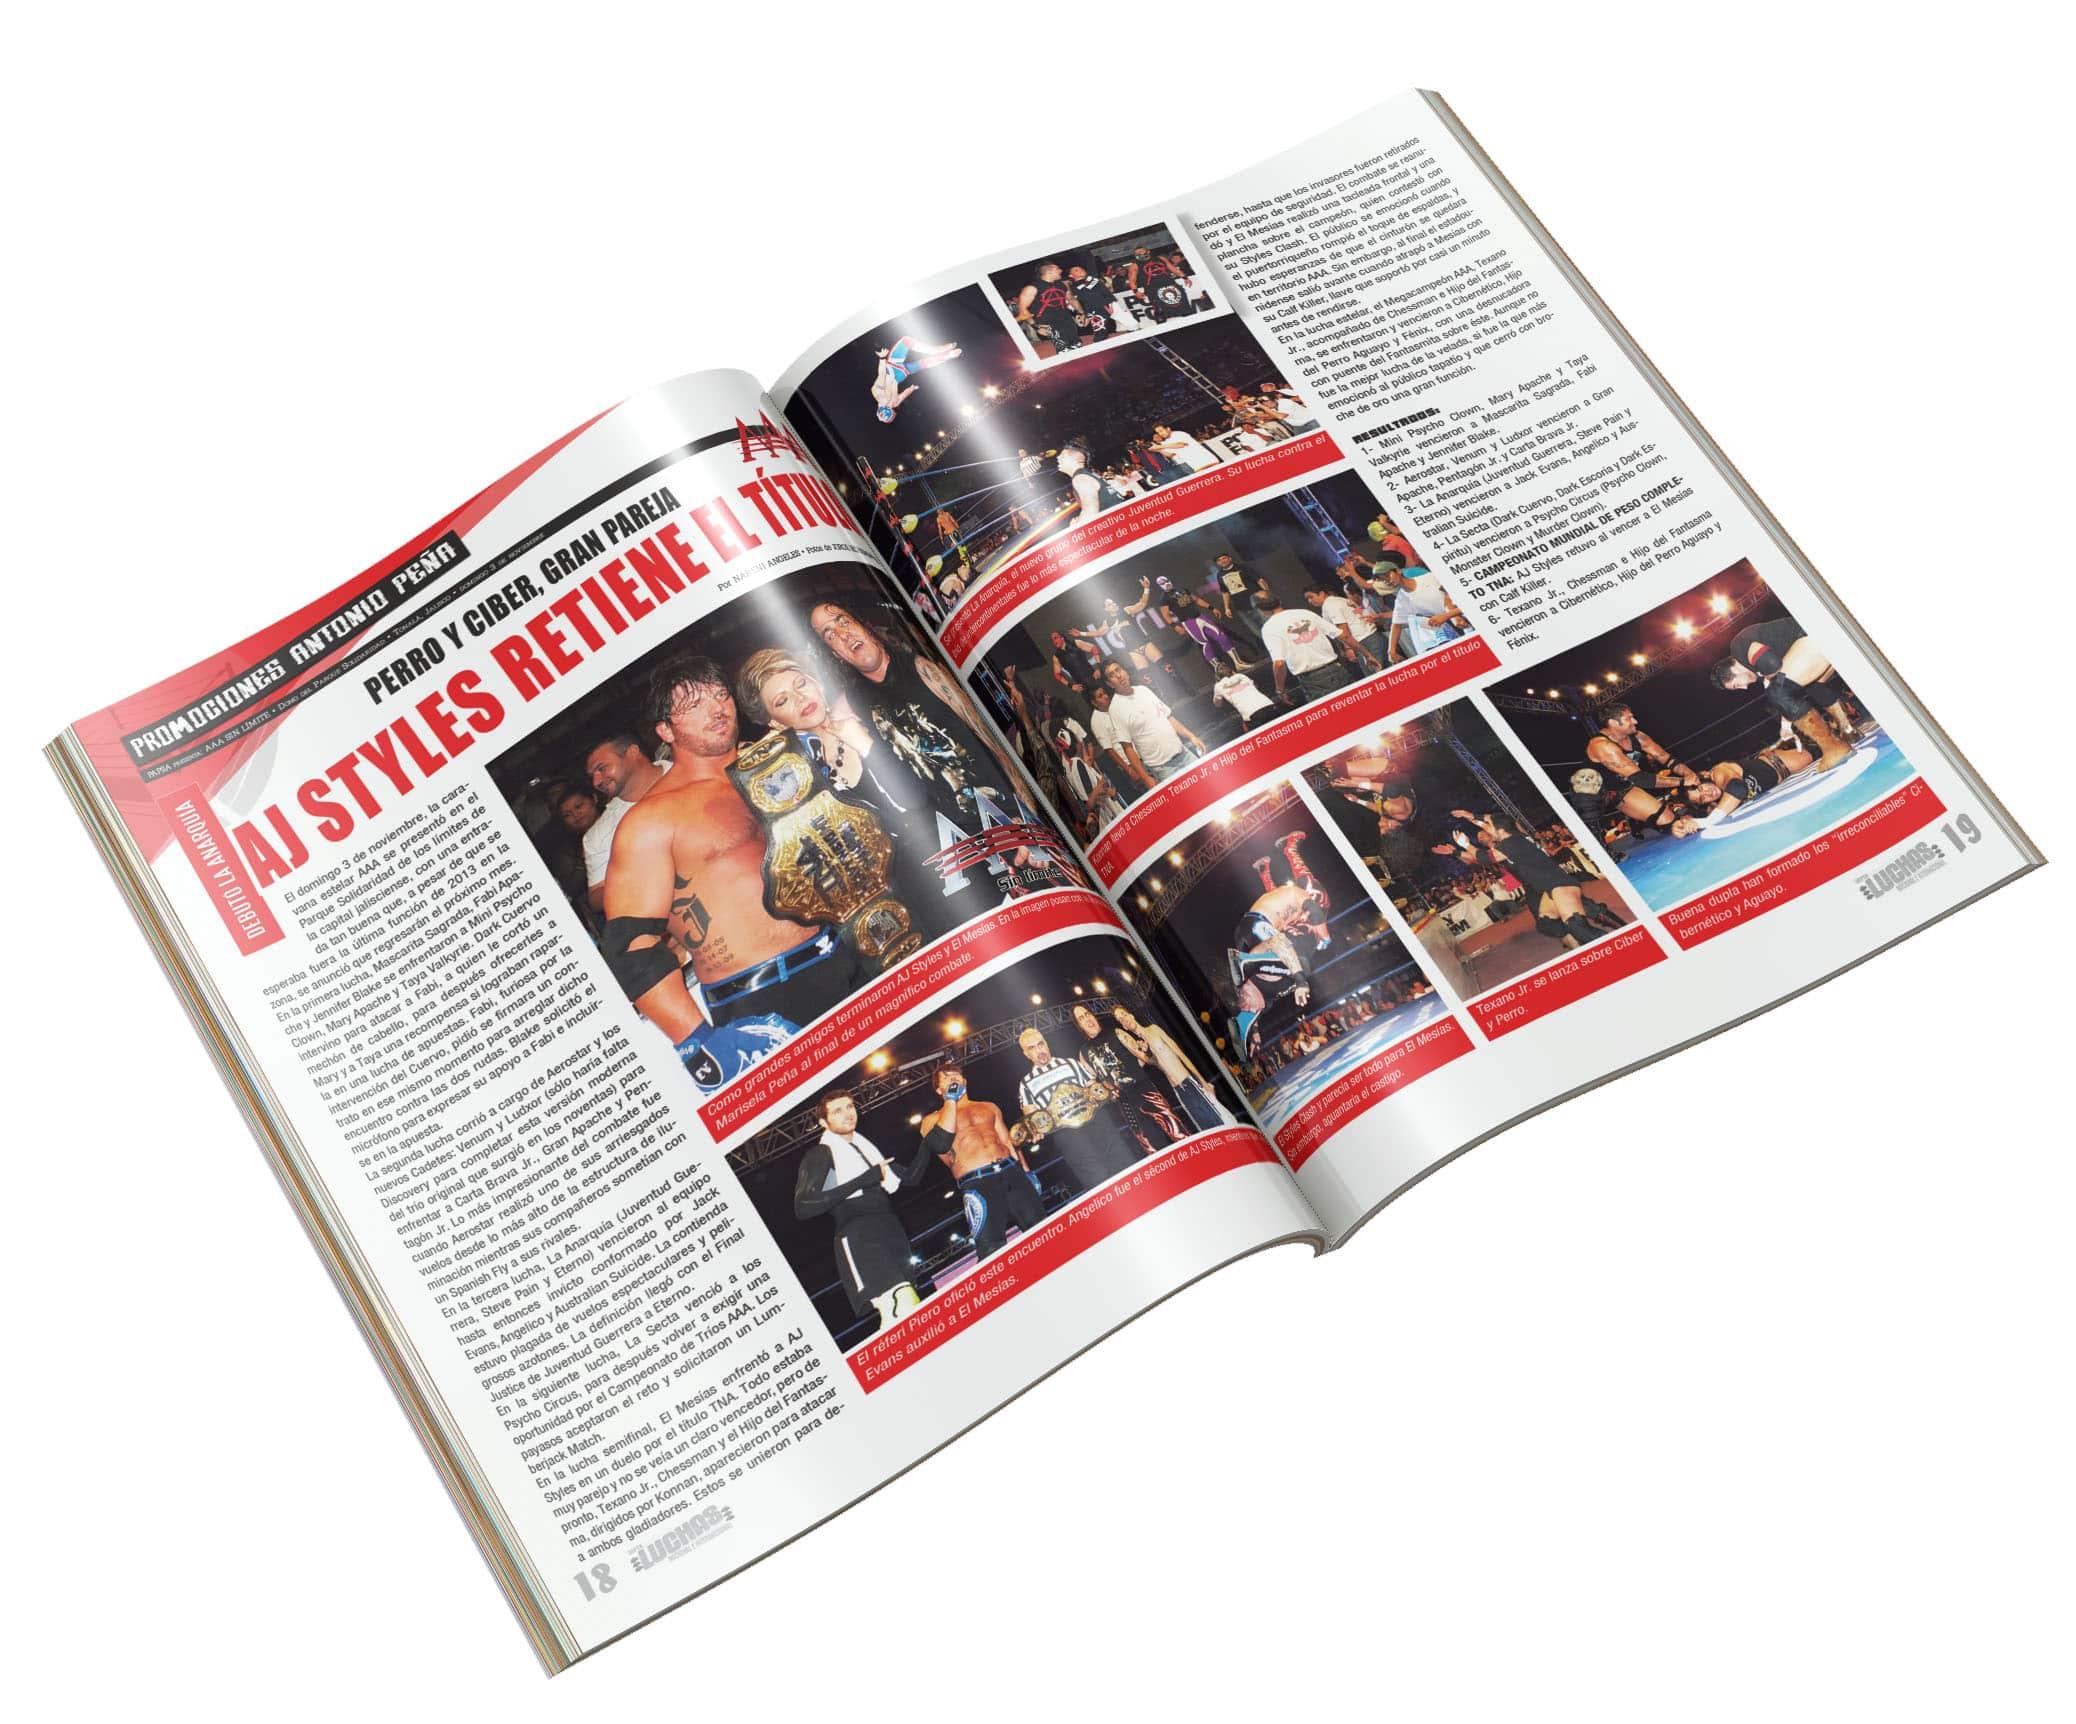 Entrevista: El Mesías habla de AAA, TNA, WWE, Vampiro y mucho más 2